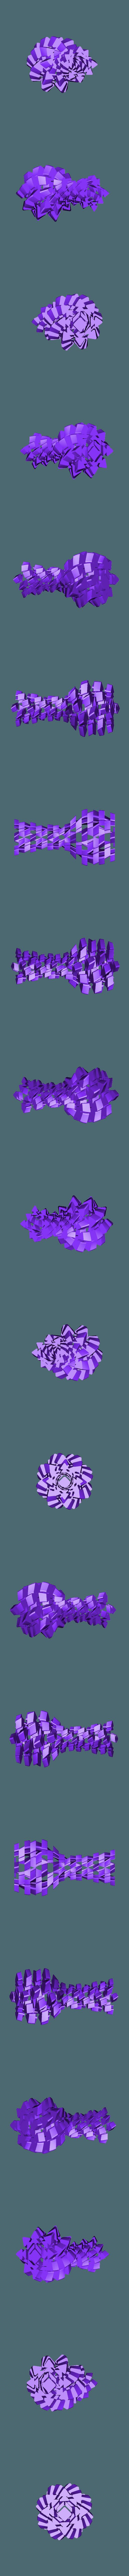 Vase_Genapart_V2-2-b.stl Download free STL file New 2 colors vases • 3D printable design, Genapart